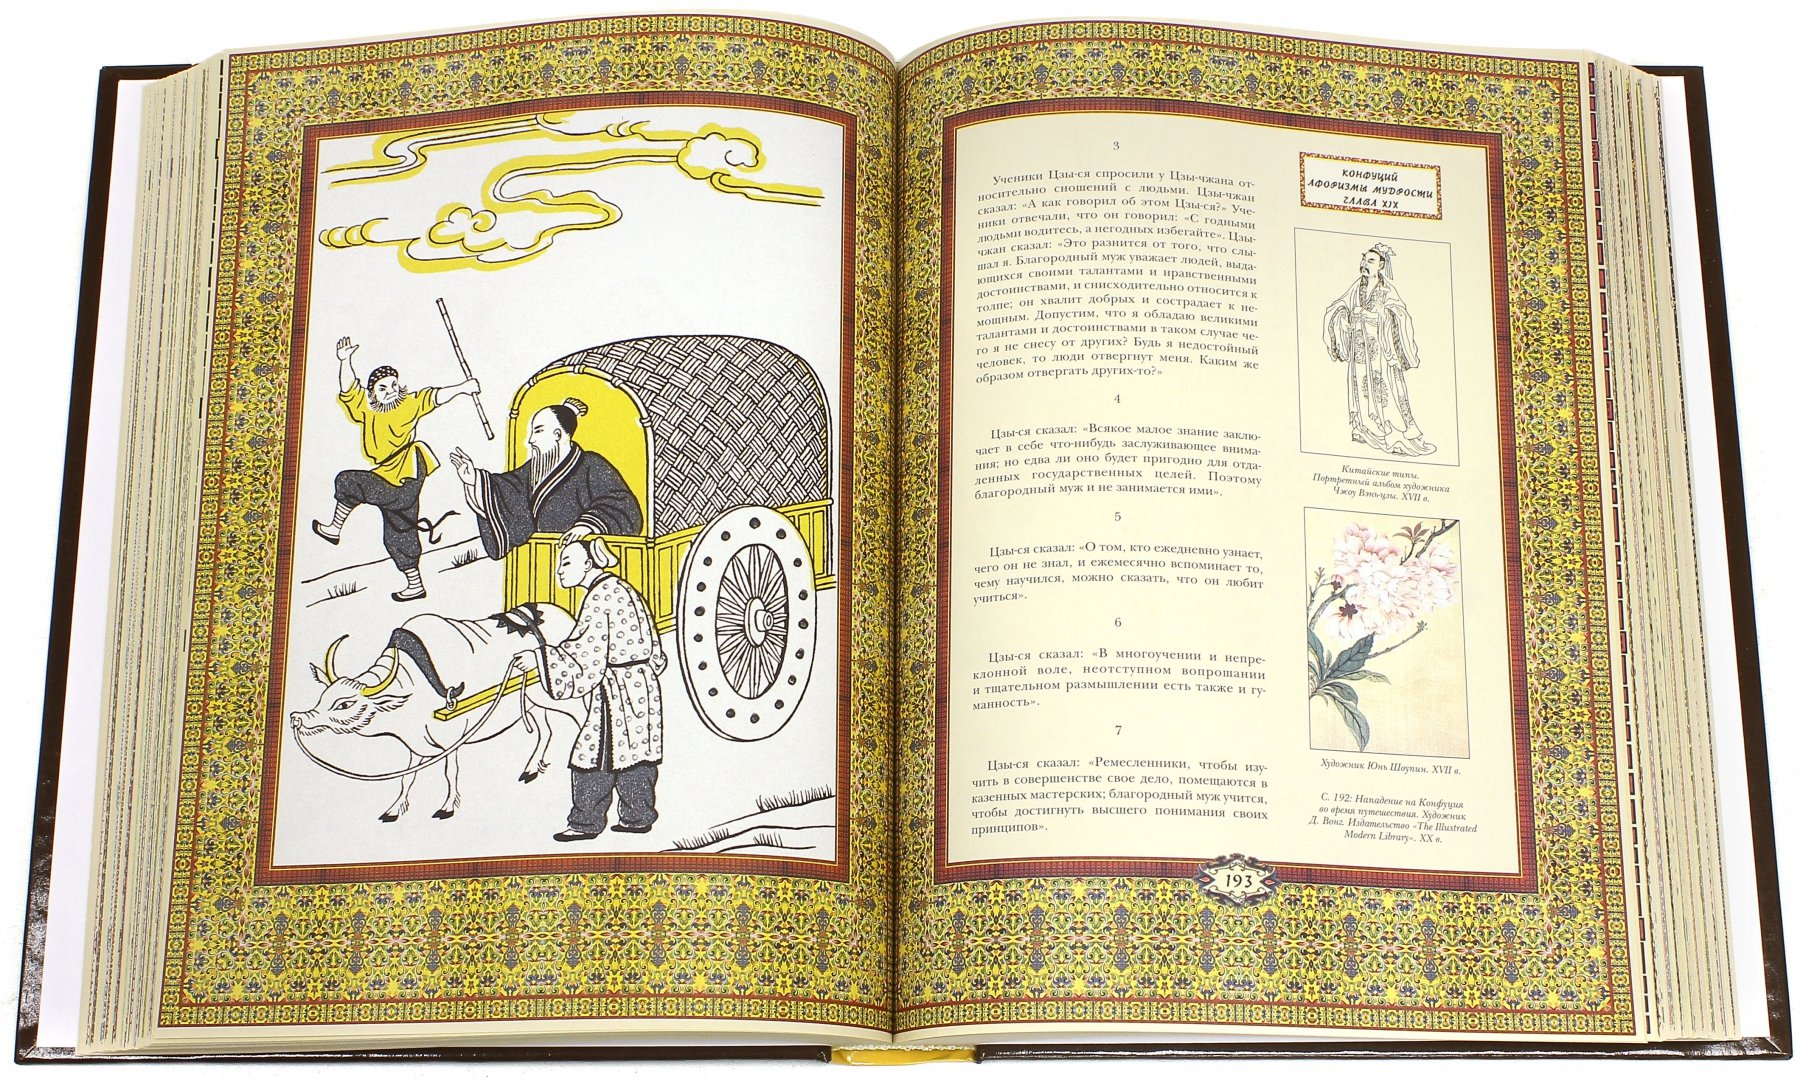 Иллюстрация 1 из 34 для Афоризмы мудрости. Иллюстрированное энциклопедическое издание - Конфуций | Лабиринт - книги. Источник: Лабиринт